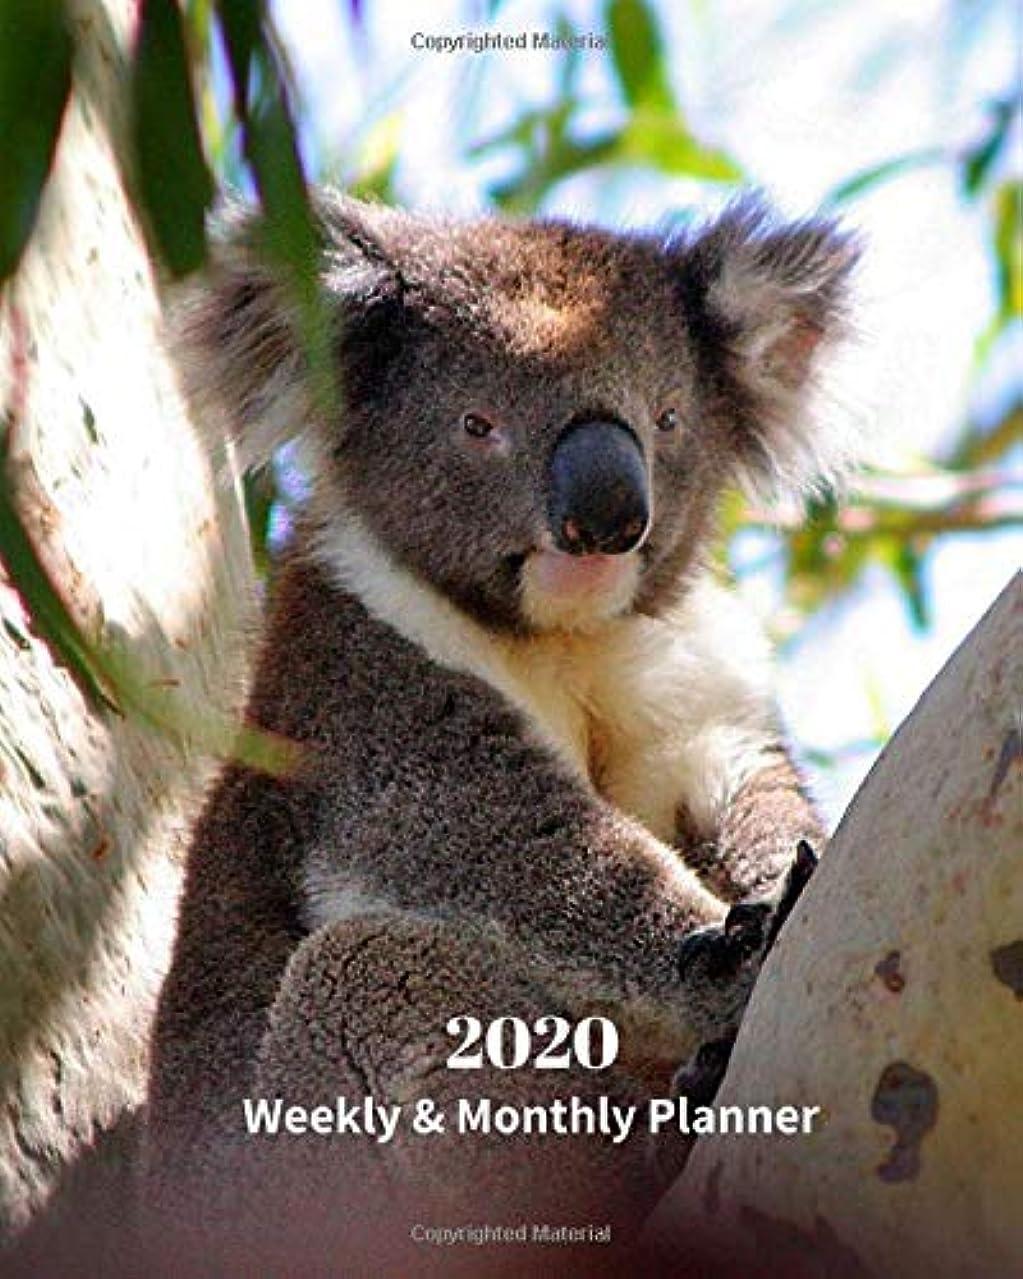 バンカー潮リスト2020 Weekly and Monthly Planner: Baby Koala - Monthly Calendar with U.S./UK/ Canadian/Christian/Jewish/Muslim Holidays– Calendar in Review/Notes 8 x 10 in.-Wildlife Koala Bear Nature Australia